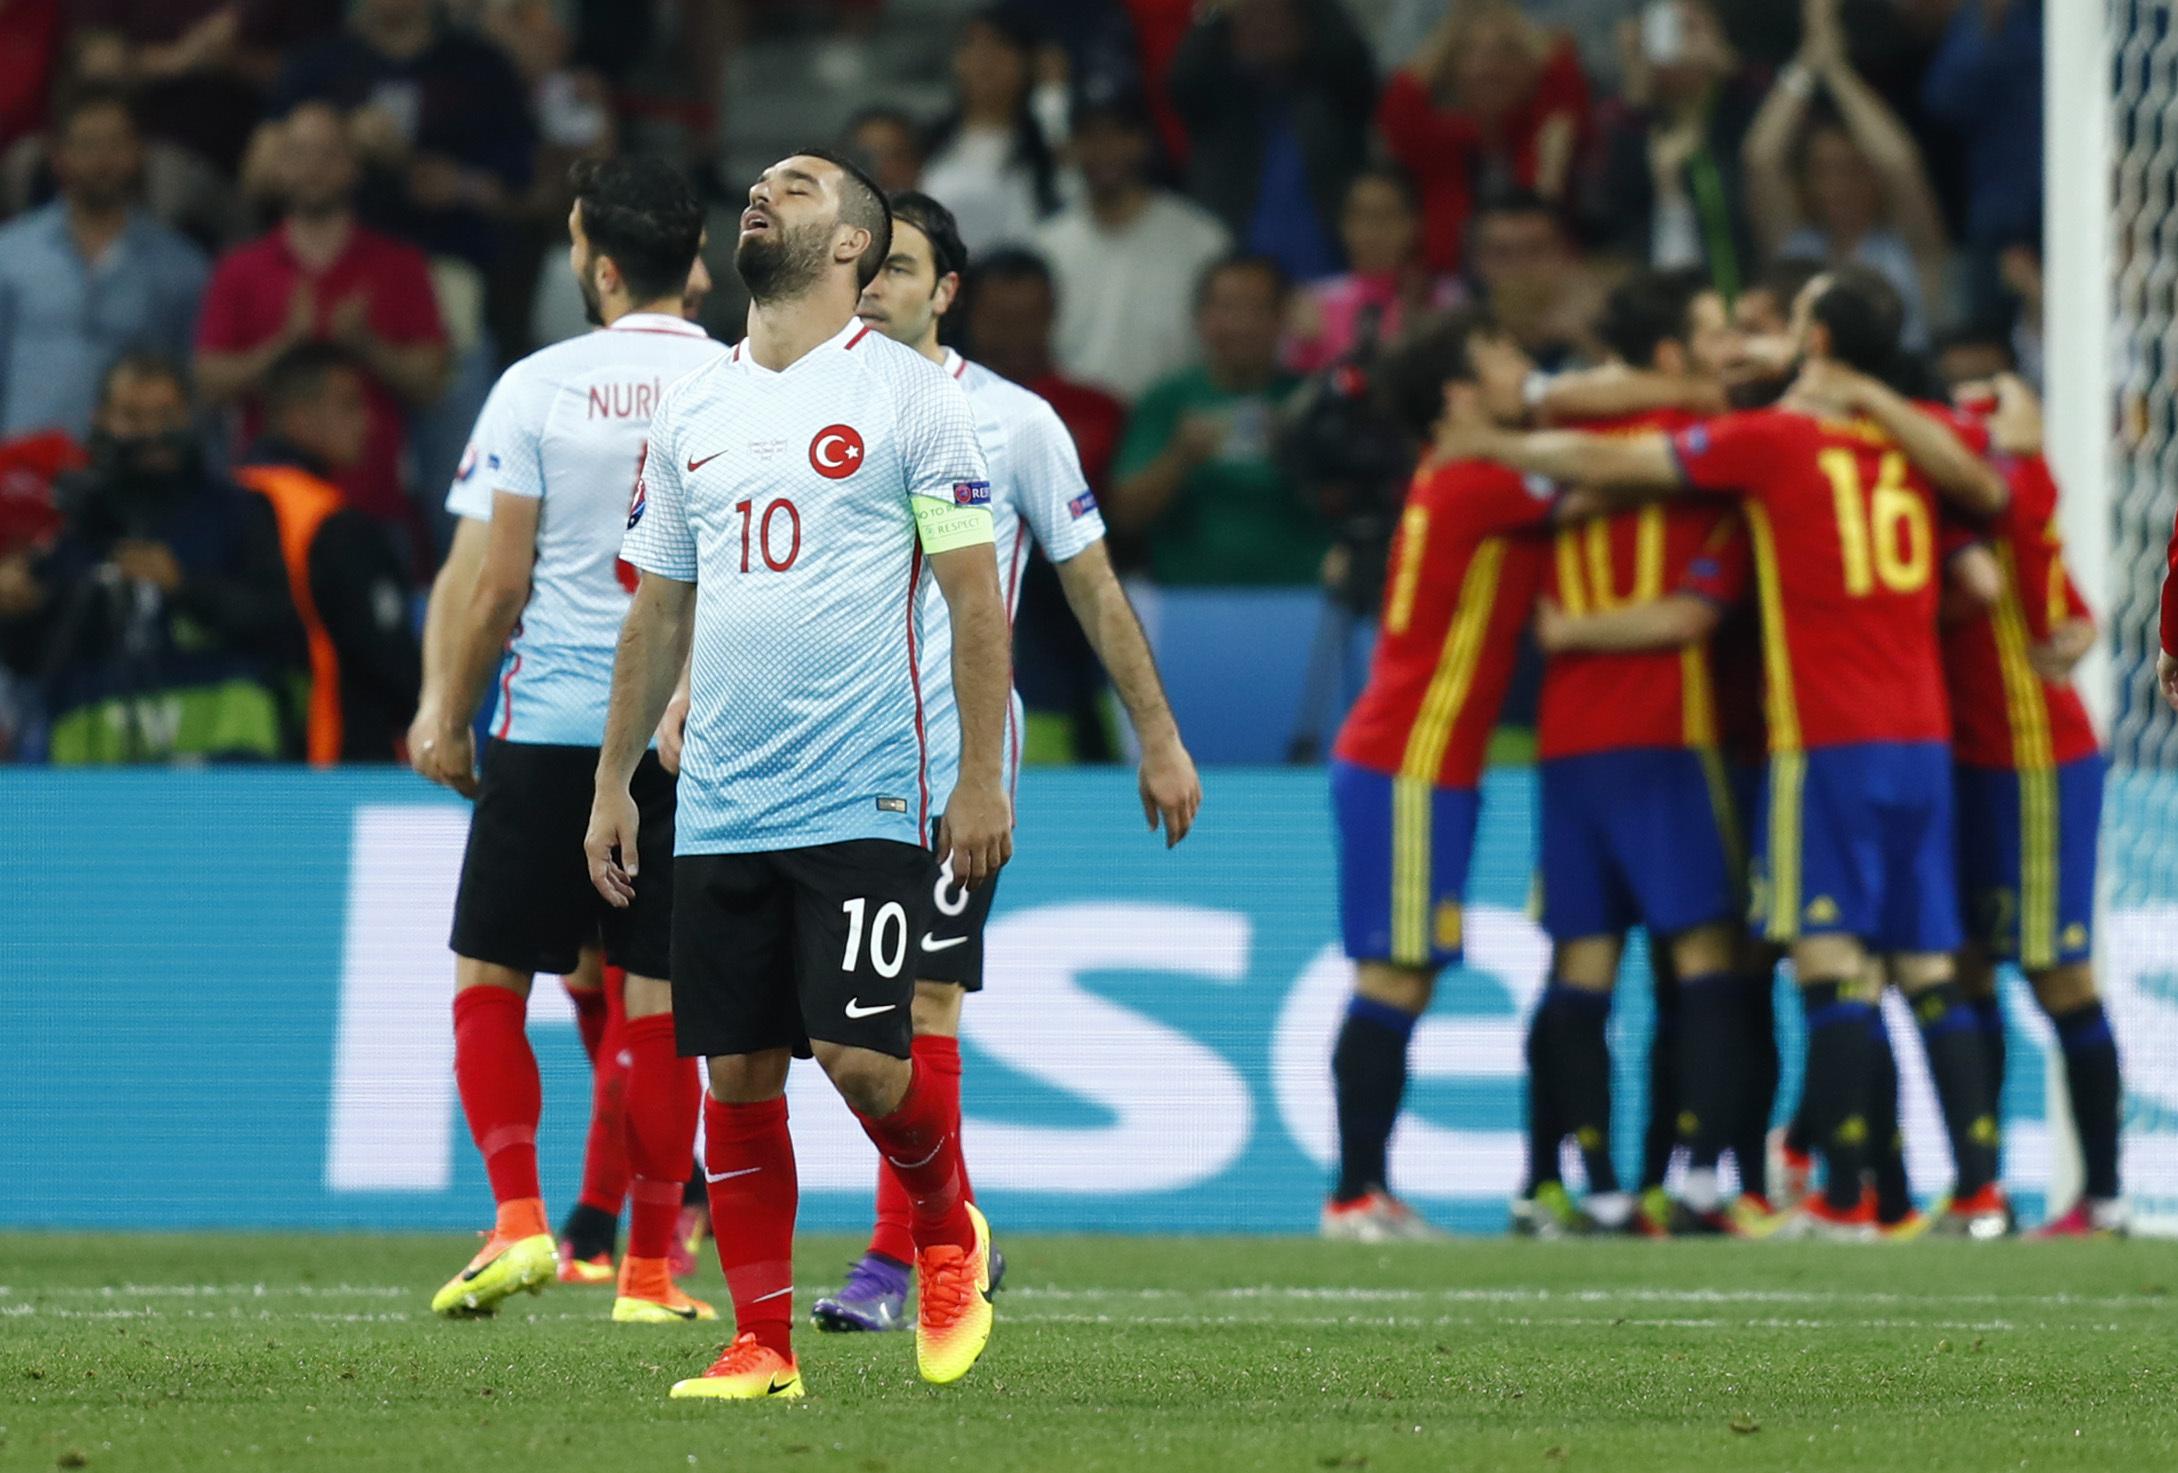 Испания выиграла у Турции со счетом 3:0.